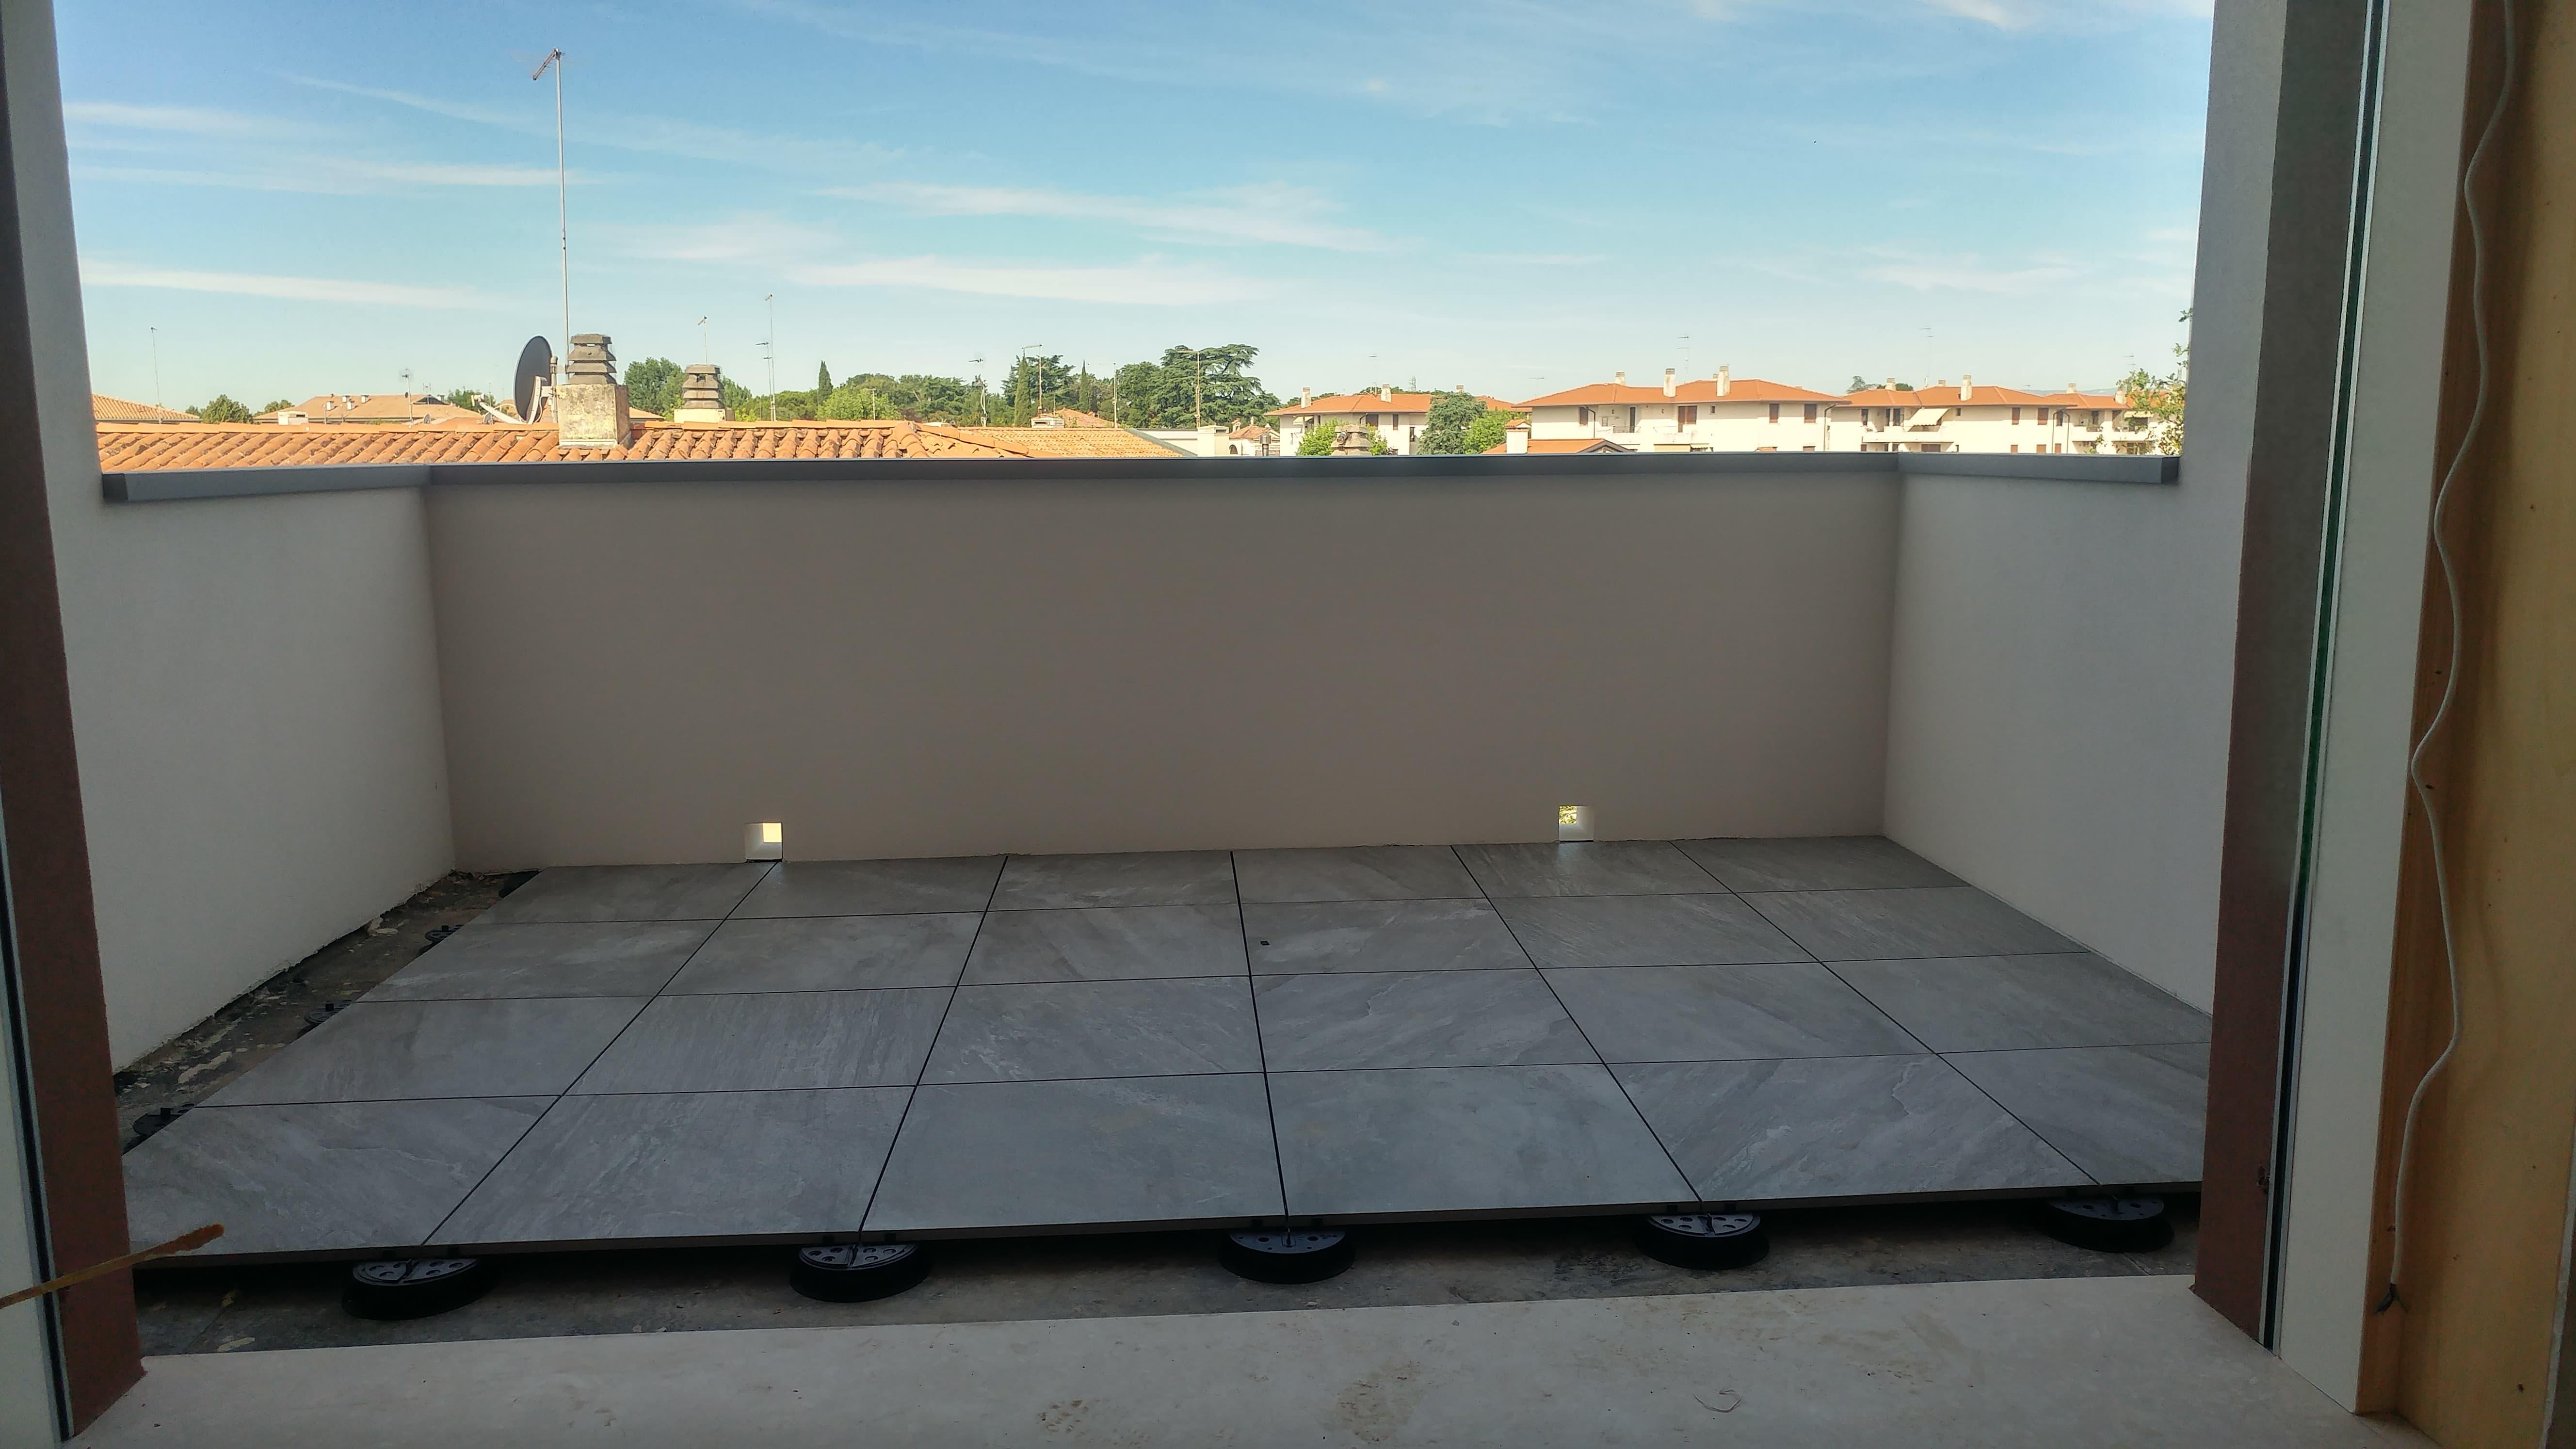 Supporti regolabili per terrazze e pavimenti esterni for Arredi esterni per terrazze